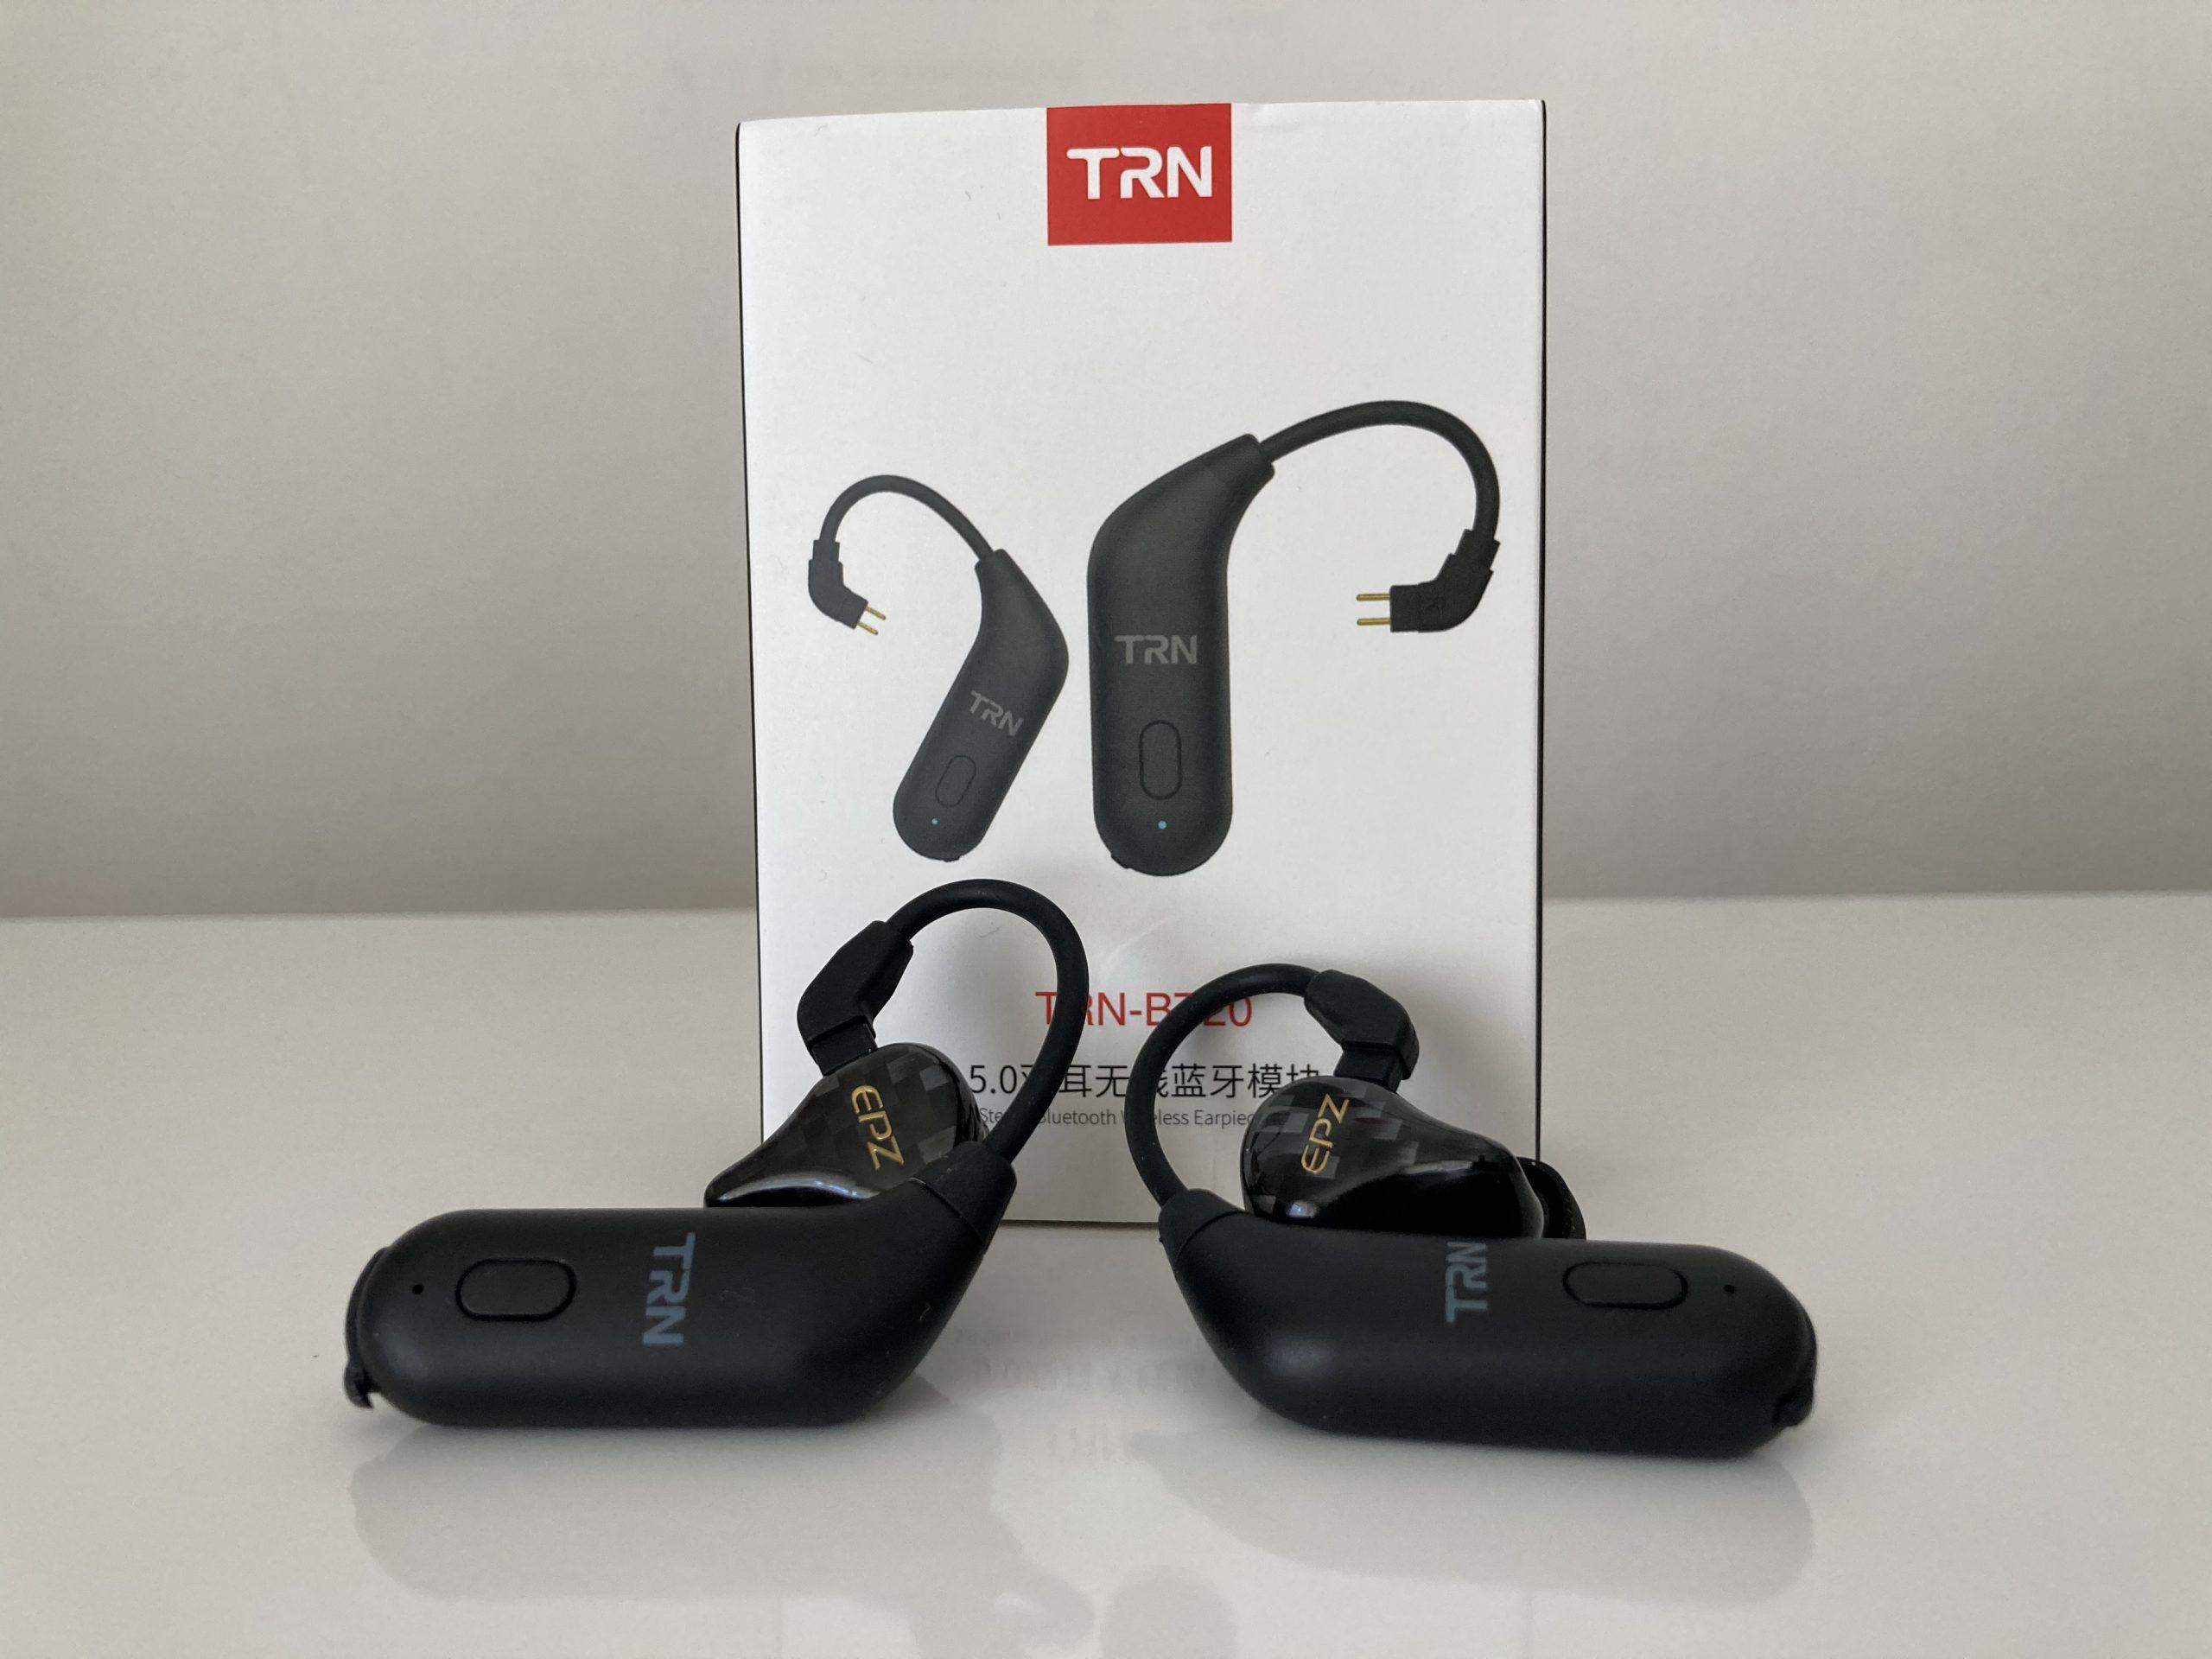 Packaging TRN BT20